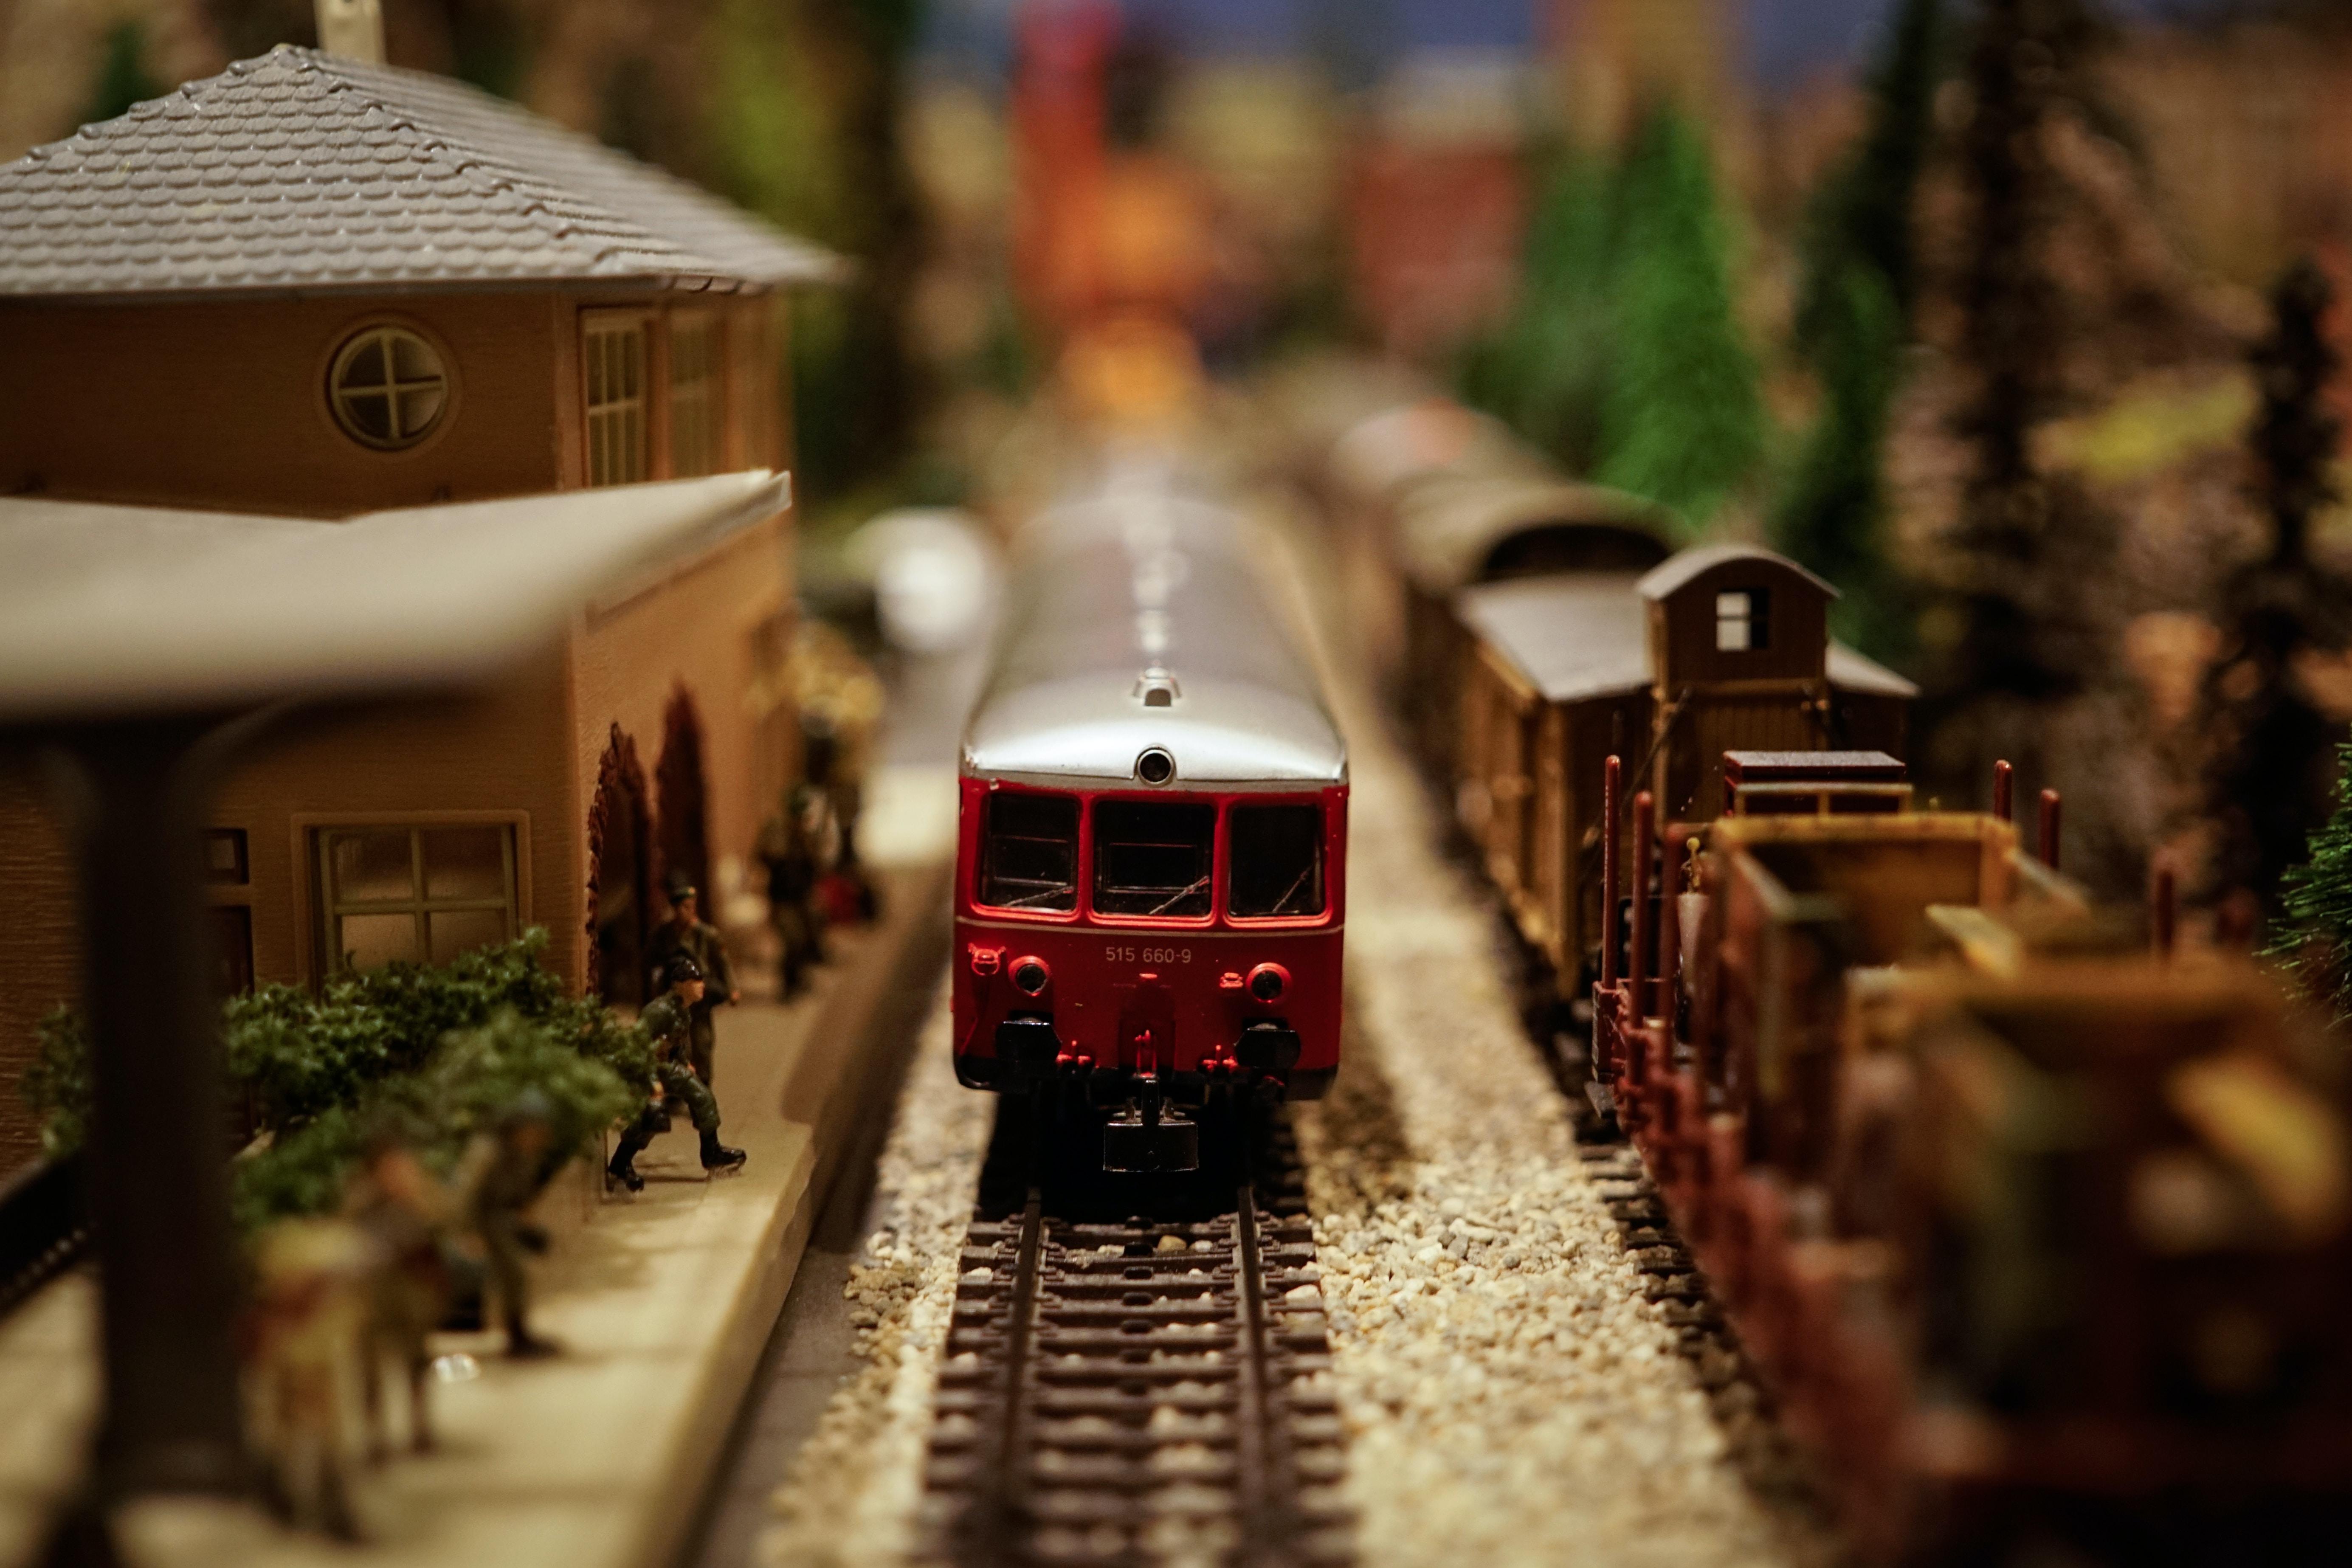 Rails trains stories